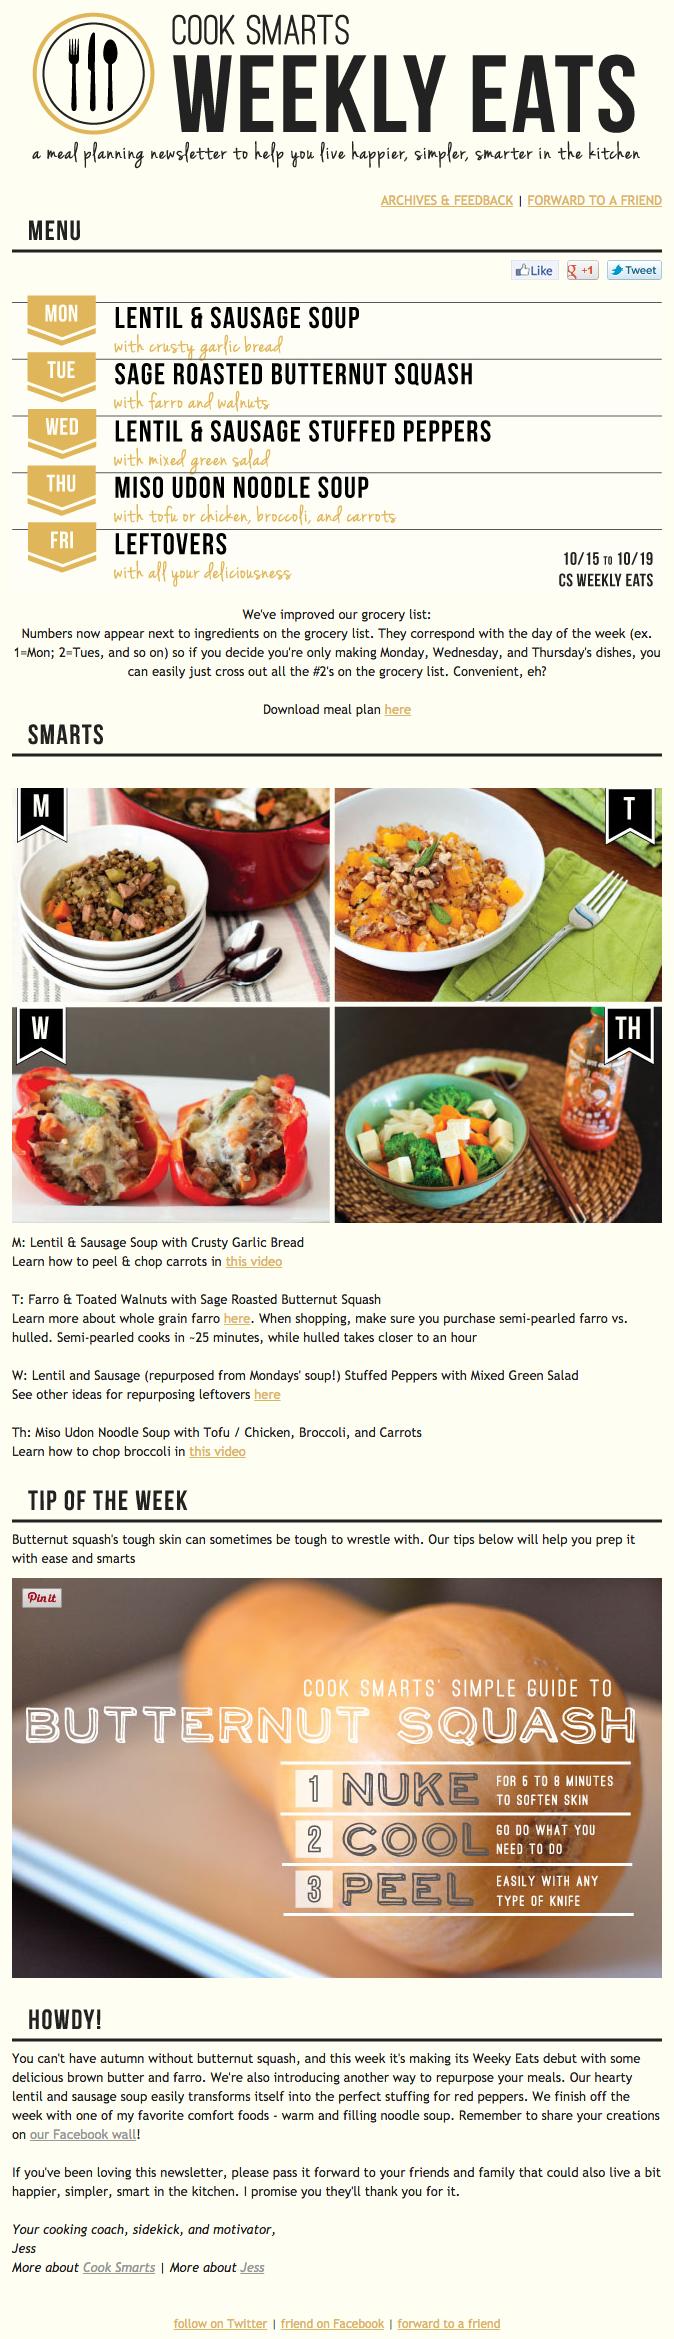 Beispiele herausragender E-Mail-Marketing-Kampagnen – Cook Smarts